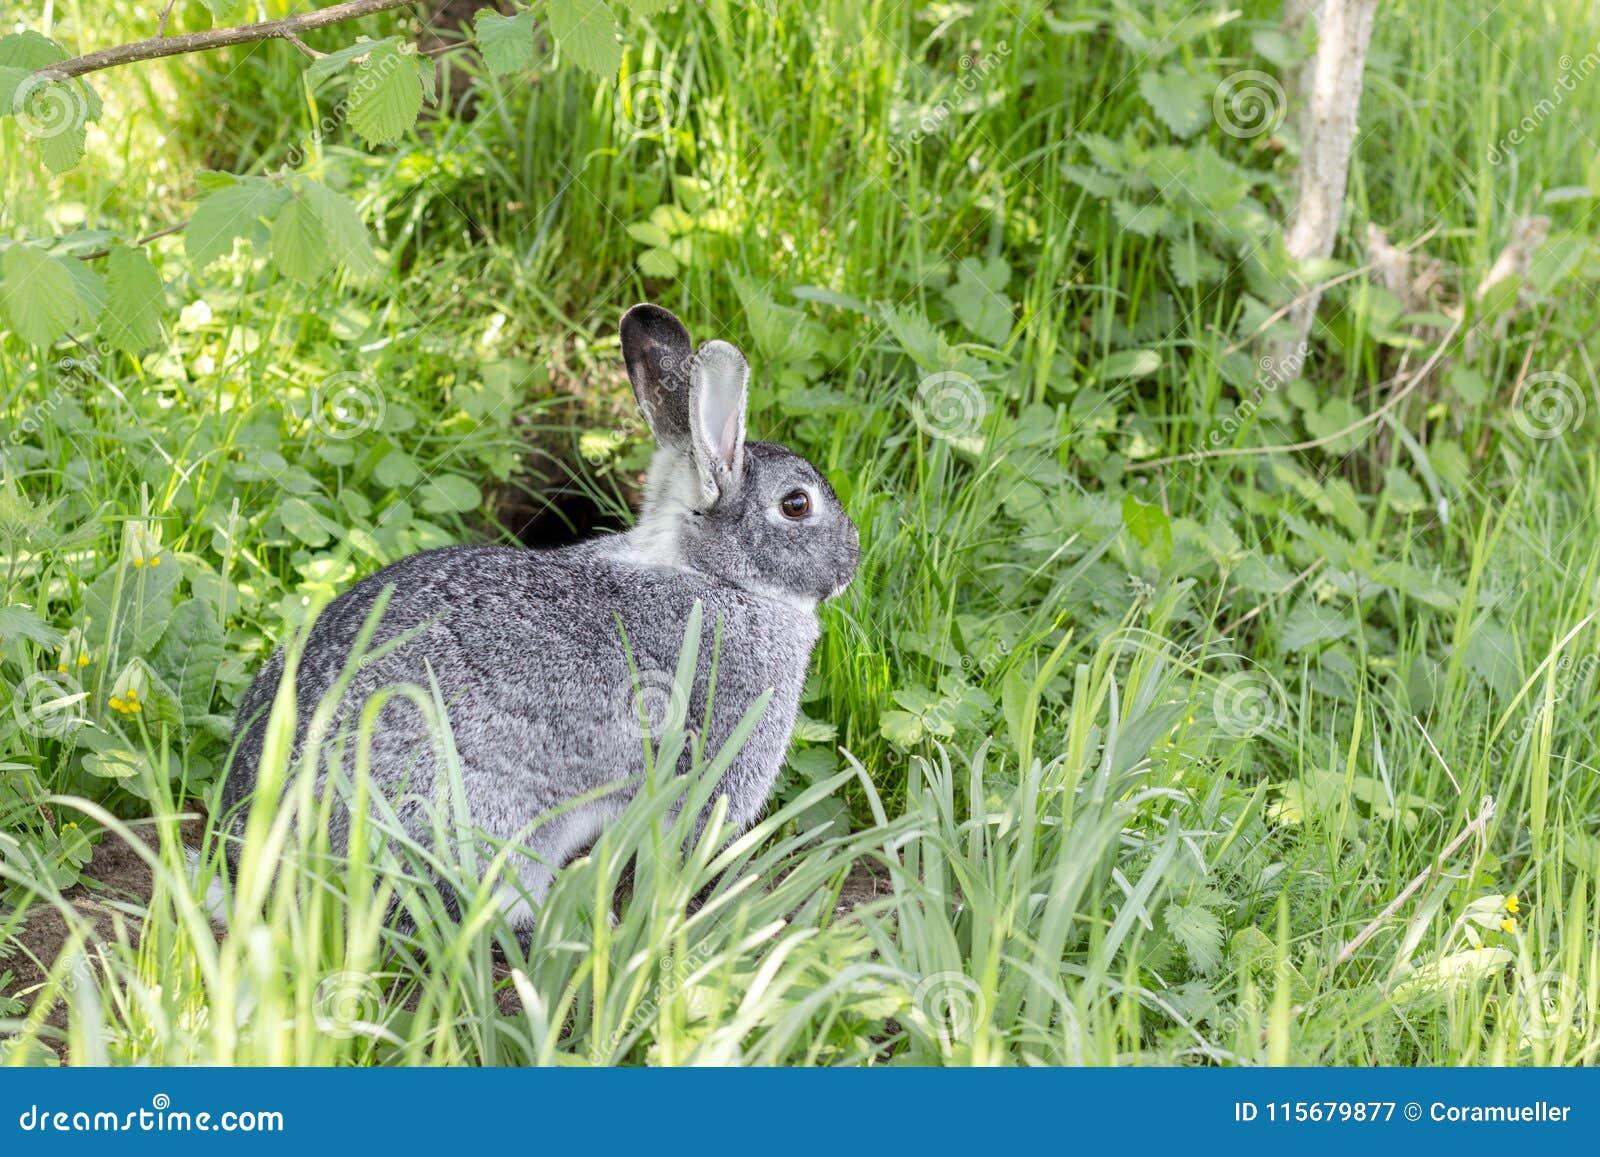 A cute gray chinchilla rabbit